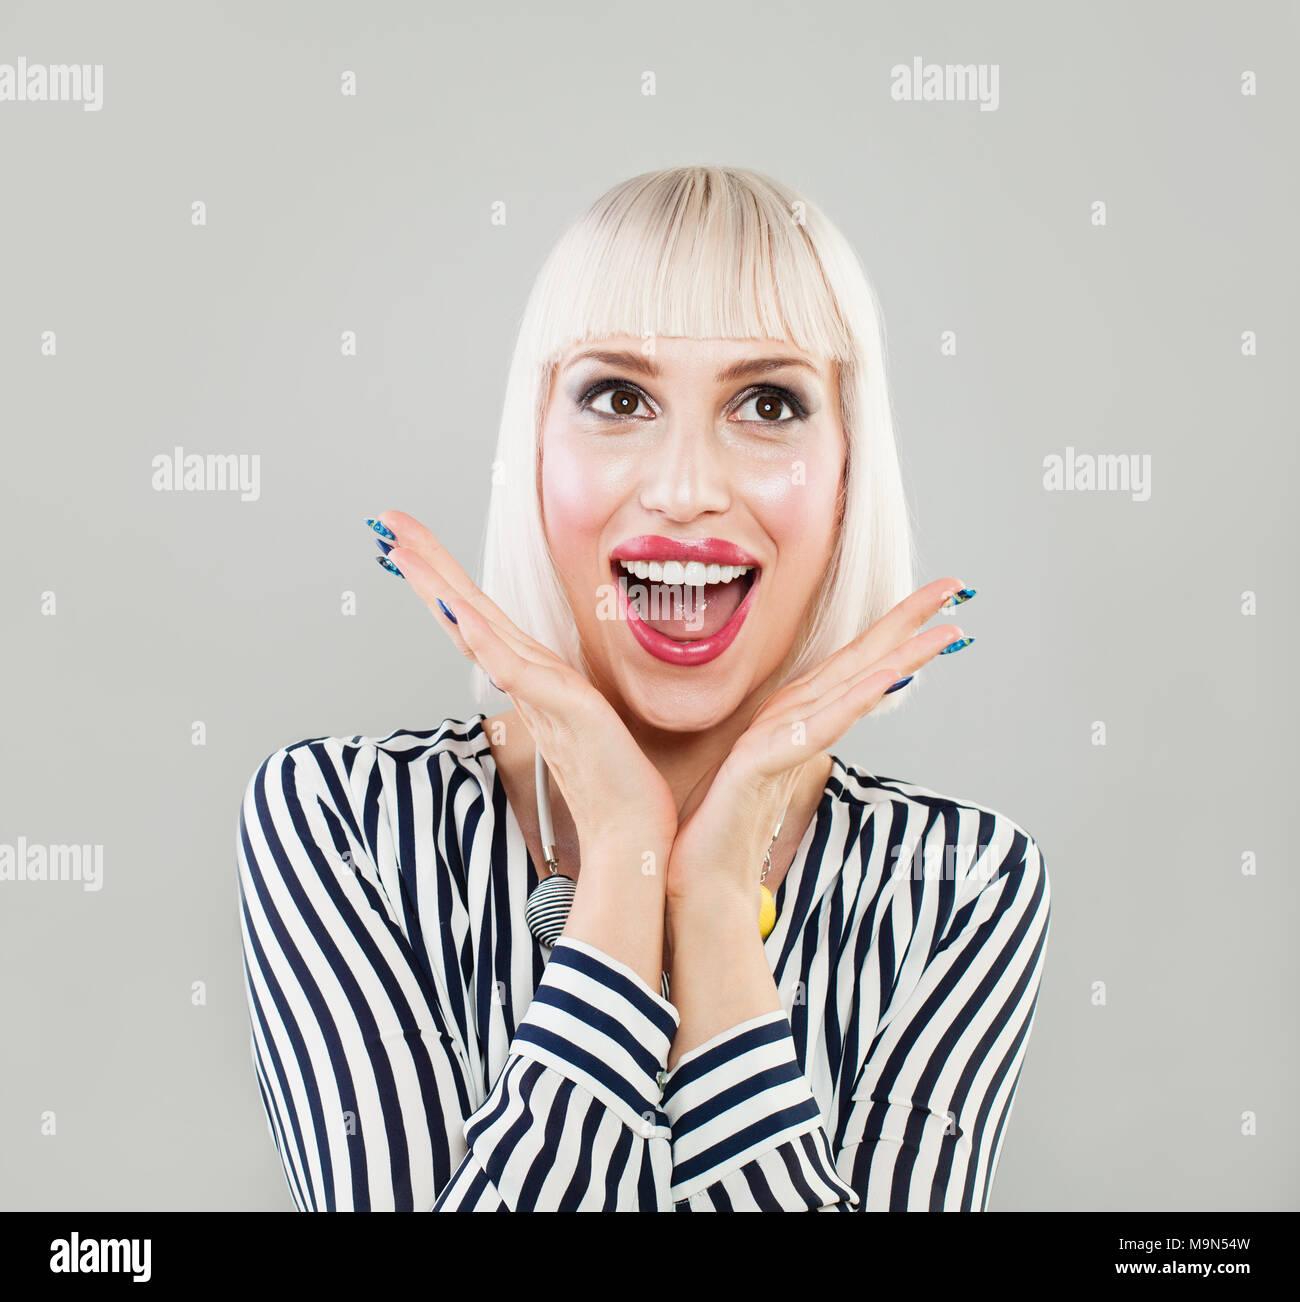 Girl With Bob Haircut Stock Photos & Girl With Bob Haircut